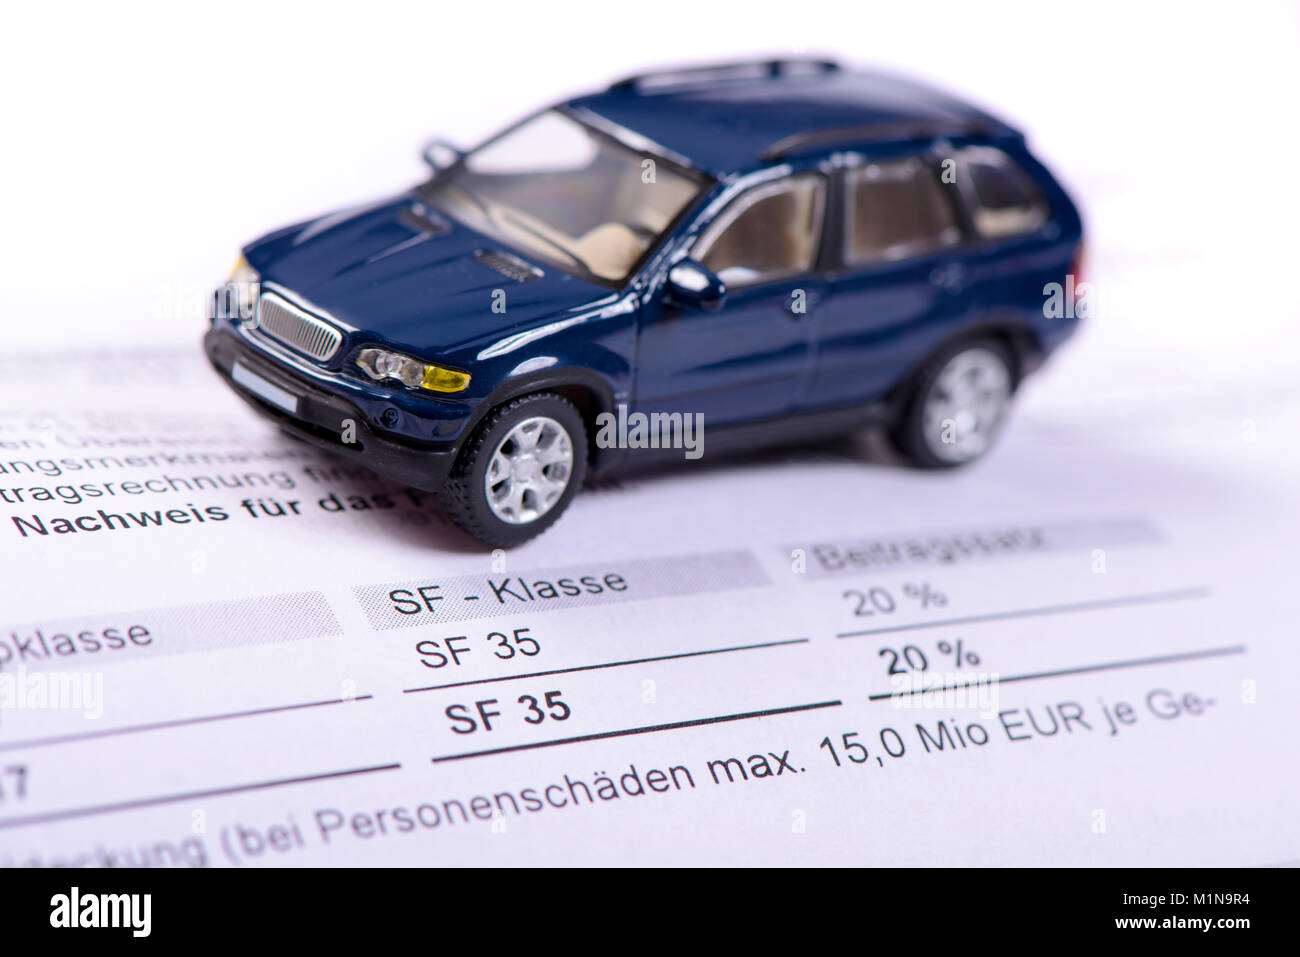 KFZ Versicherung mit Rechnung und Modellauto - Stock Image